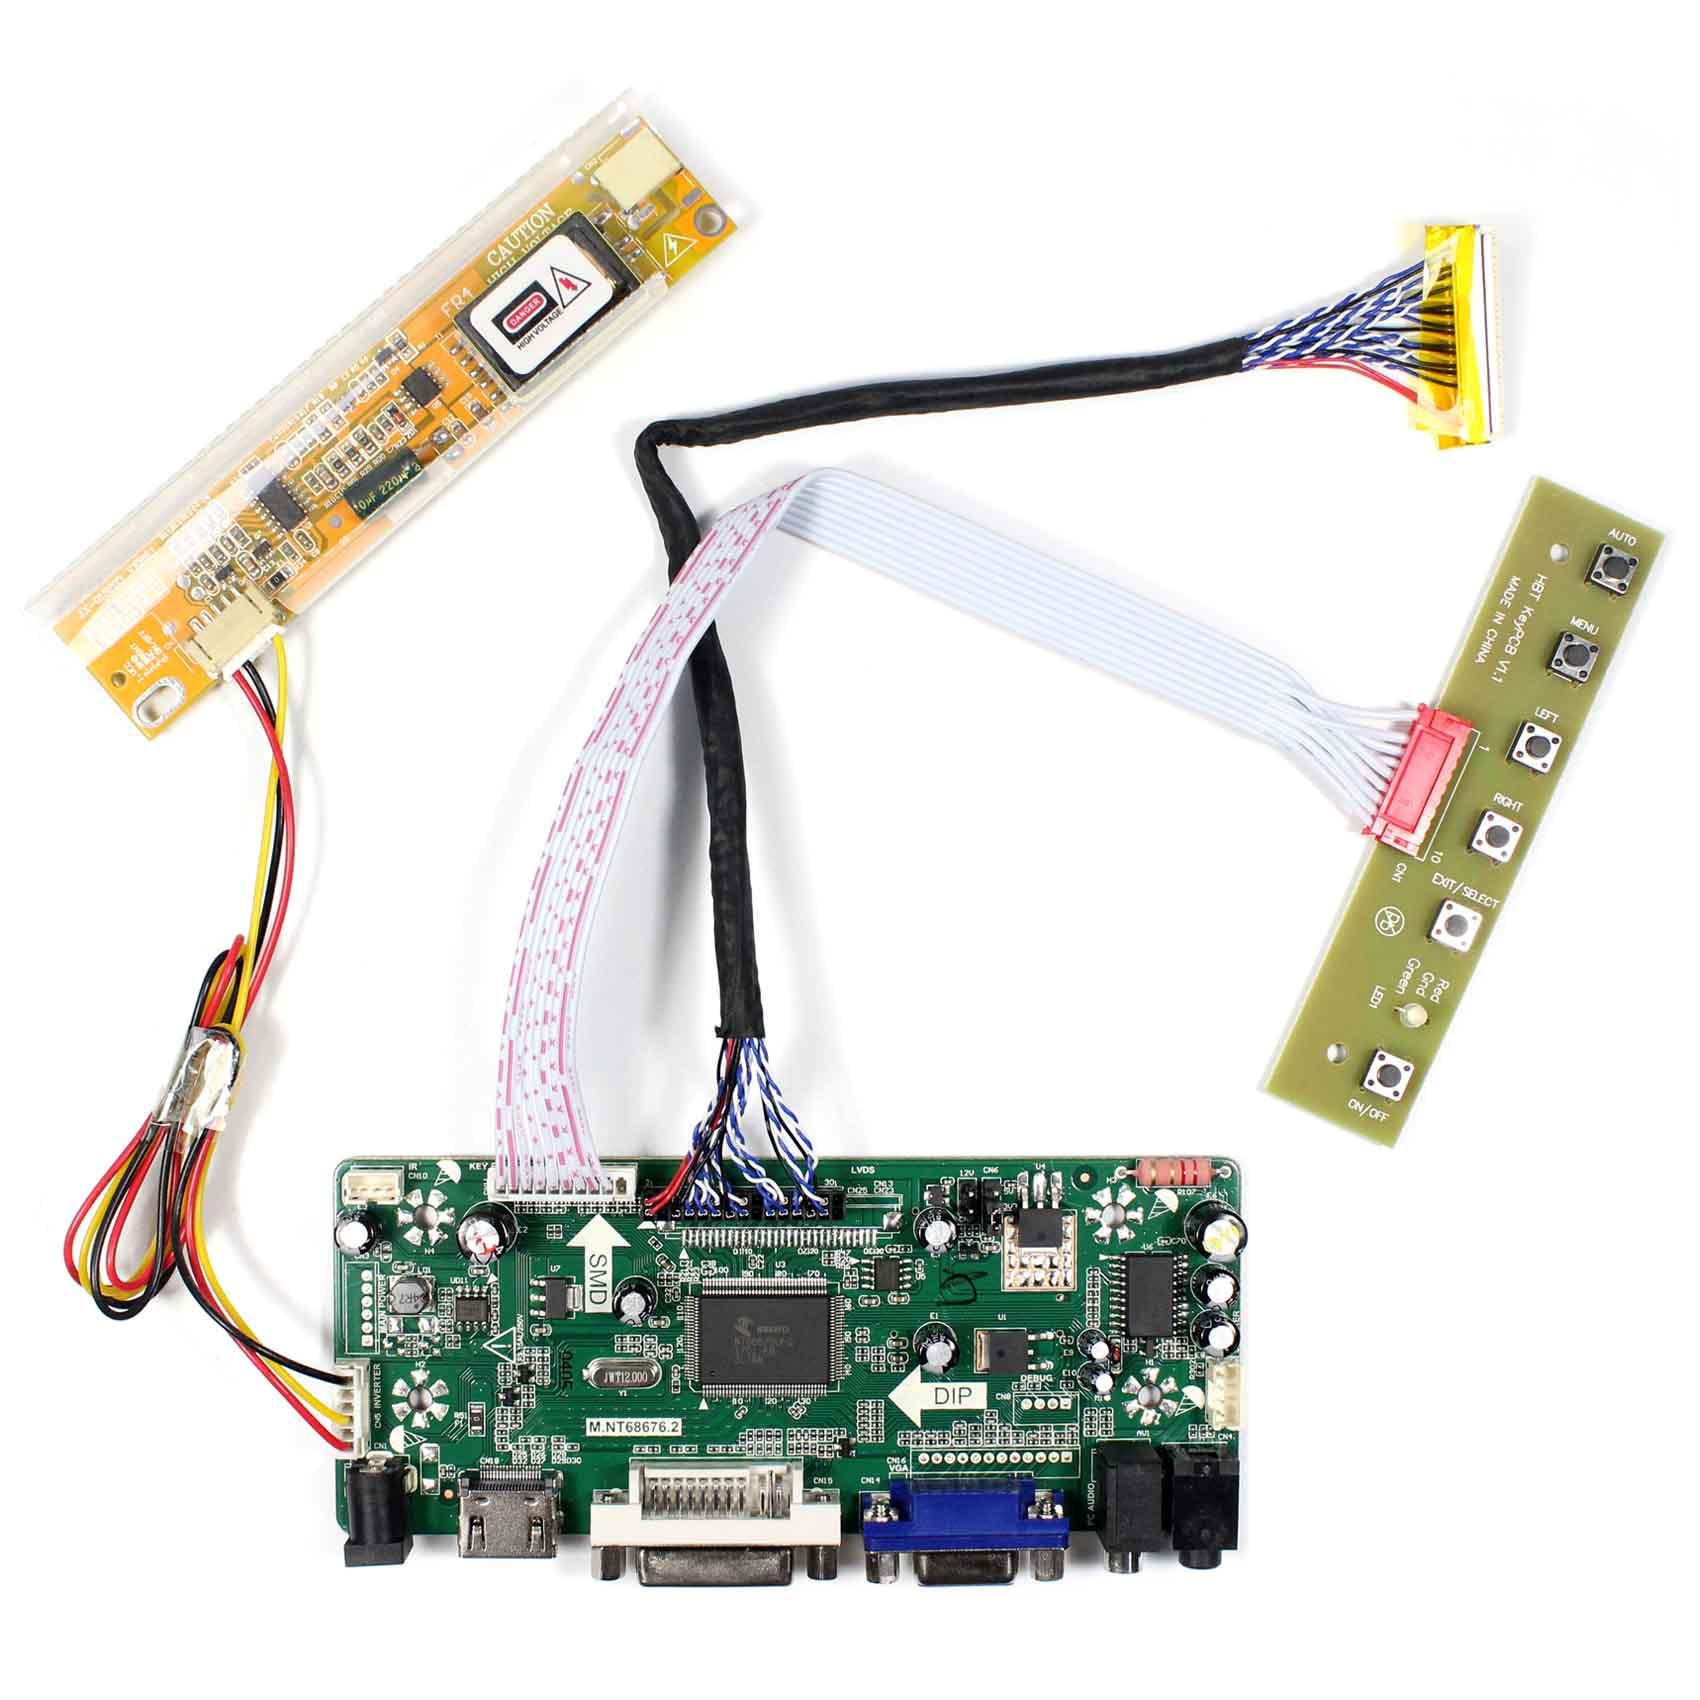 """Controlador para 17 """"1920x1200 LCD LP171WU1 LP171WU2 LP171WU3 B170UW01 LTN170WU LTN170U1 LTN170U2 B170UW01 LTN170CT01/02/03/05"""